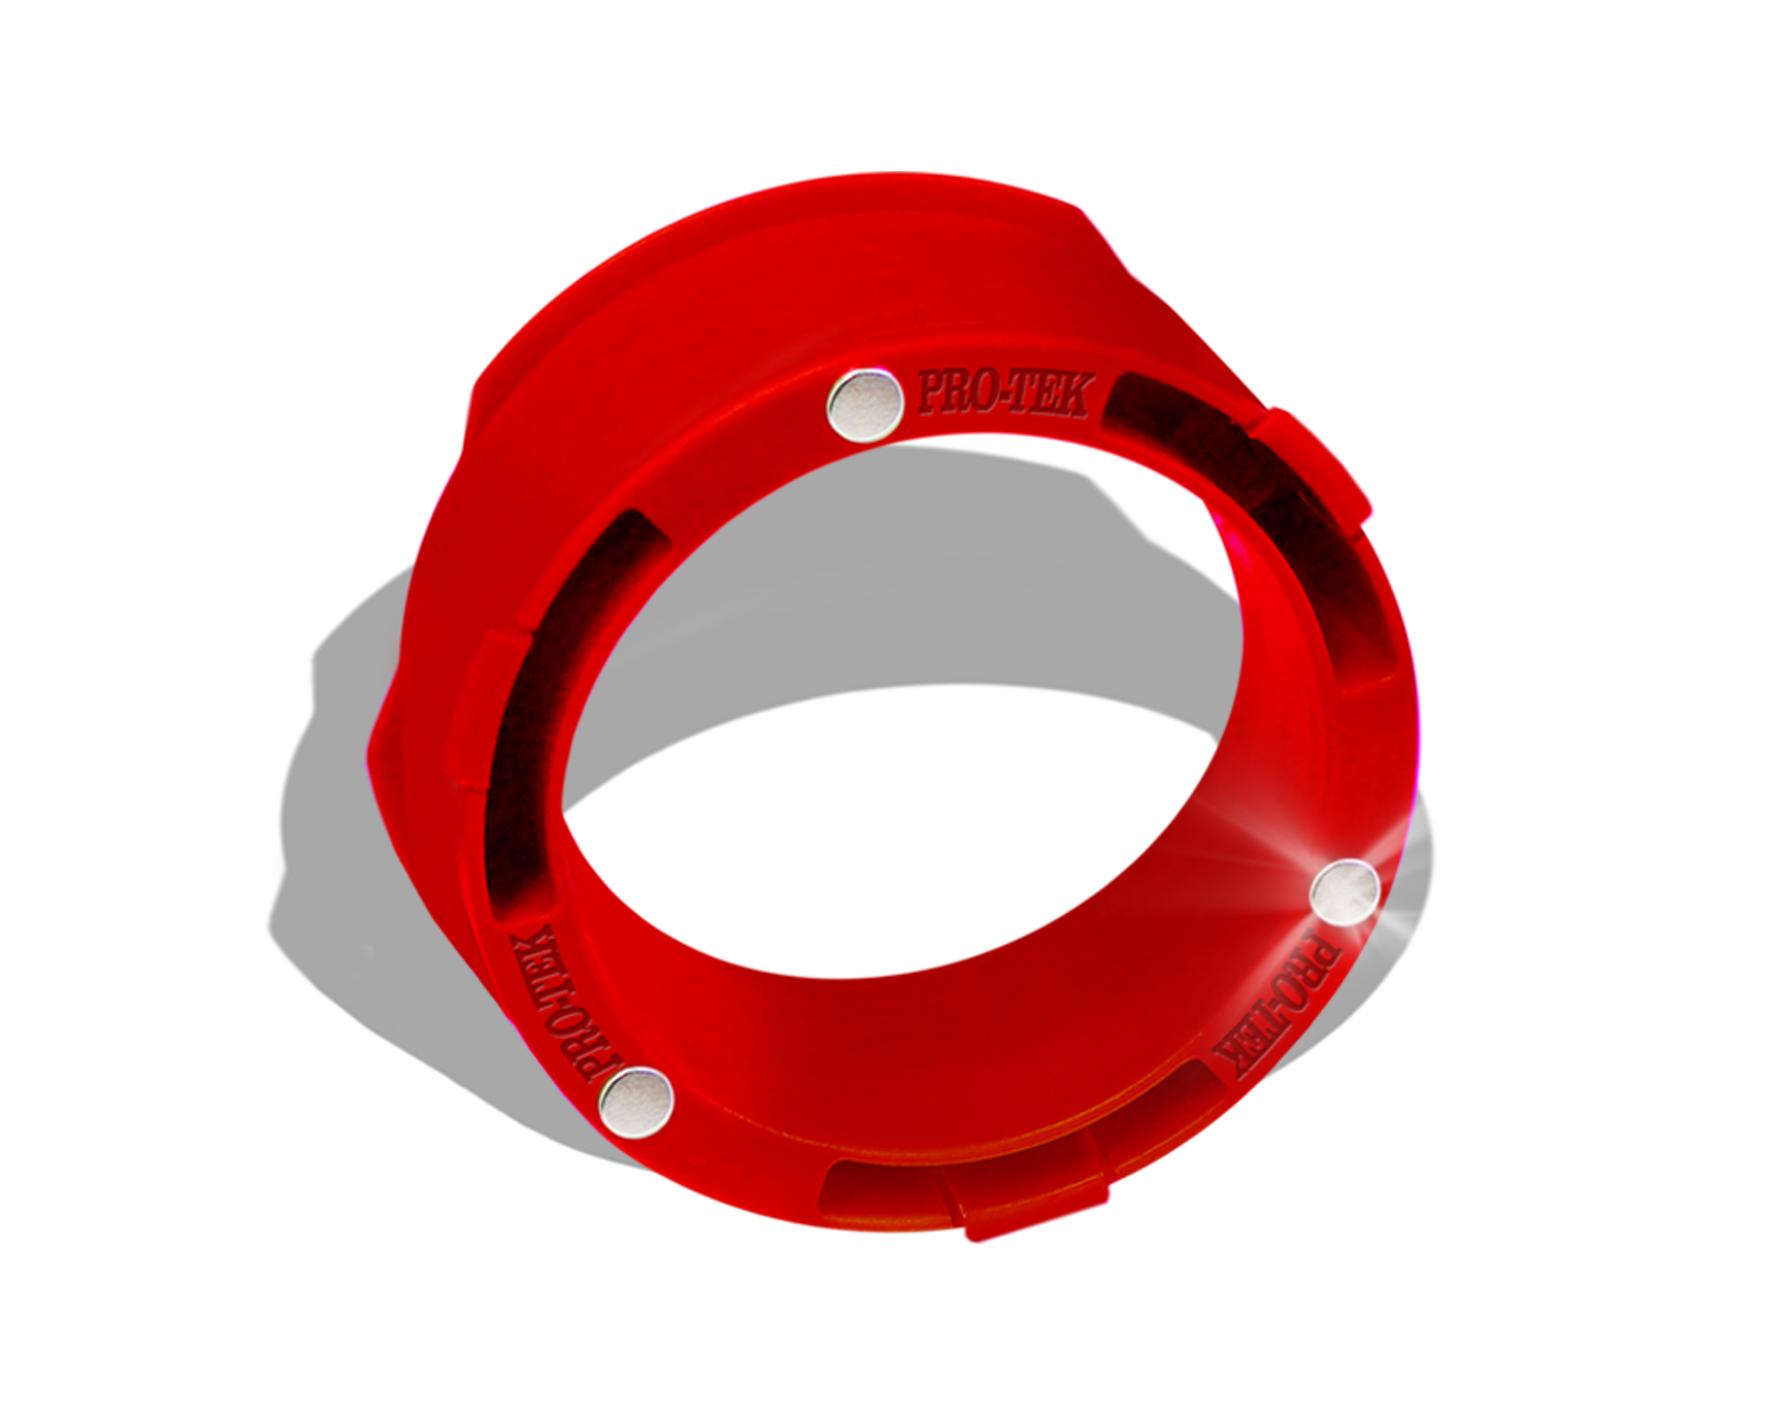 Magnetic Masking Tape Dispenser Pro Teksprayequipment Com